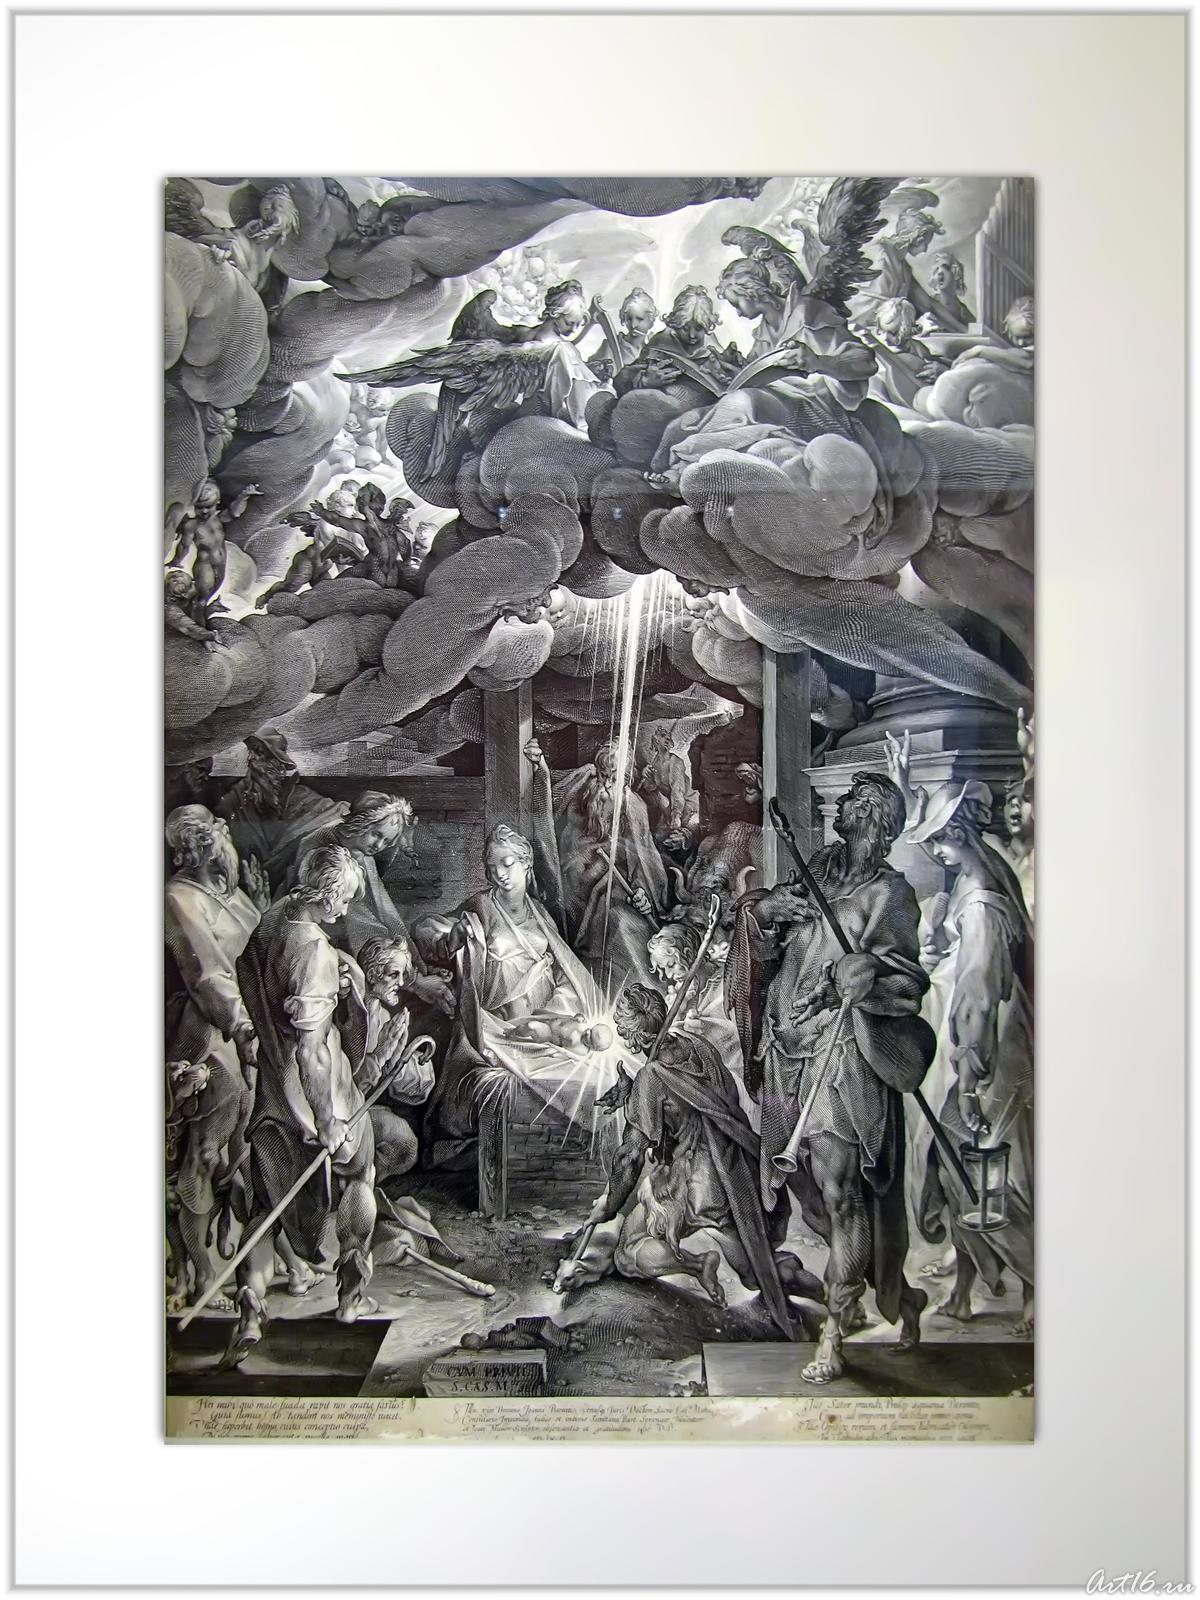 Фото №55724. Поклонение пастухов. 1606 С картины Бартоломеуса Спрангера